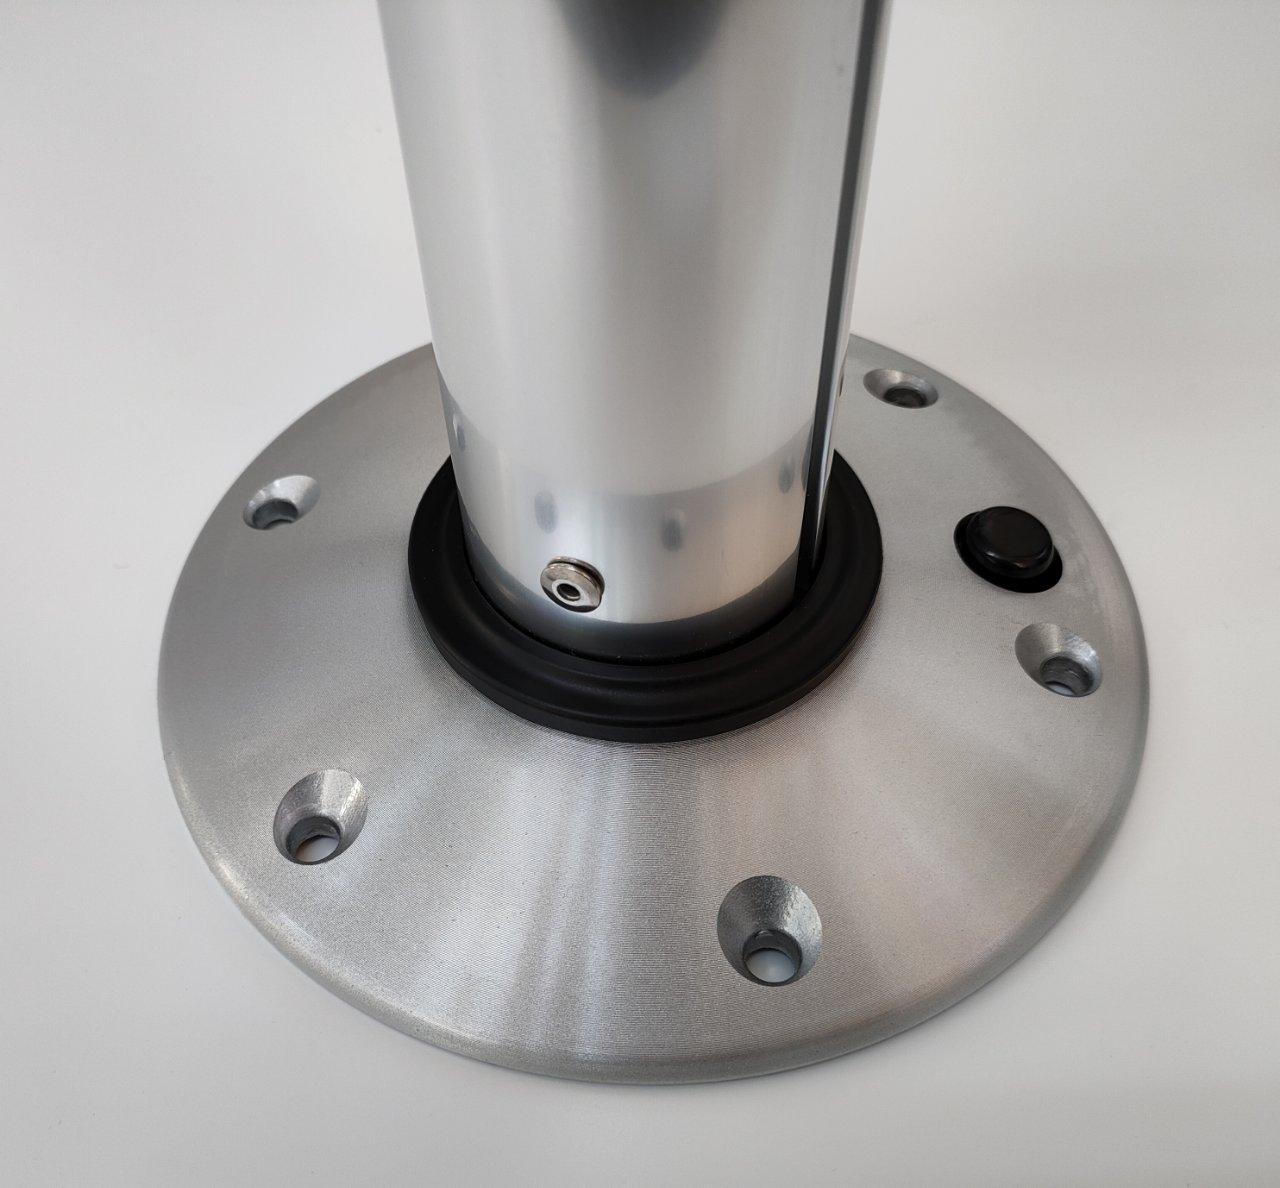 【#061021】CAMFY ホールディングテーブルポール 伸縮タイプ